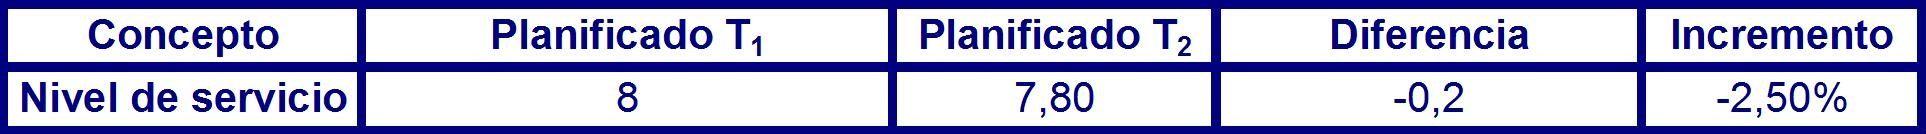 Tabla 35 desviación del nivel de servicio para el periodo P1 en el largo plazo.